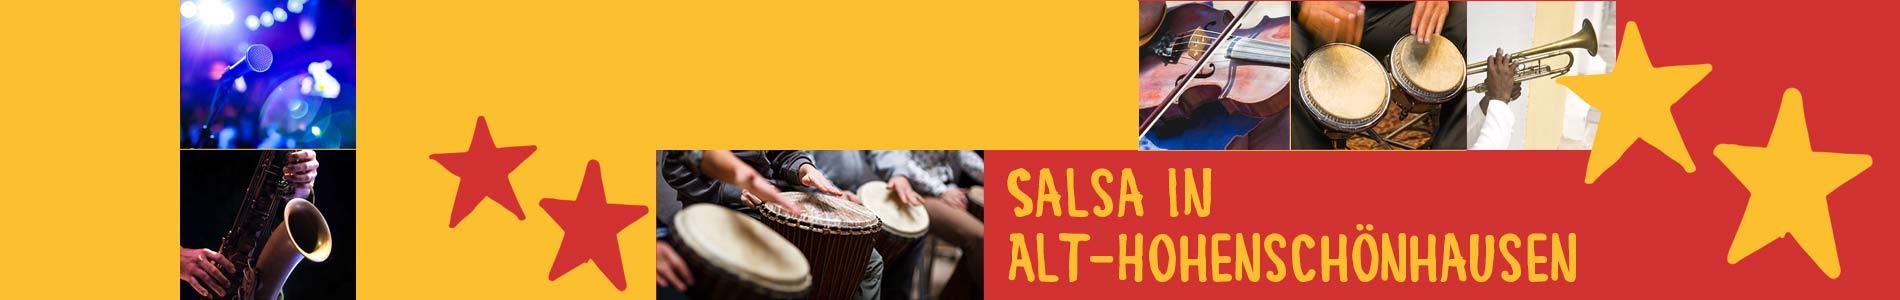 Salsa in Alt-Hohenschönhausen – Salsa lernen und tanzen, Tanzkurse, Partys, Veranstaltungen